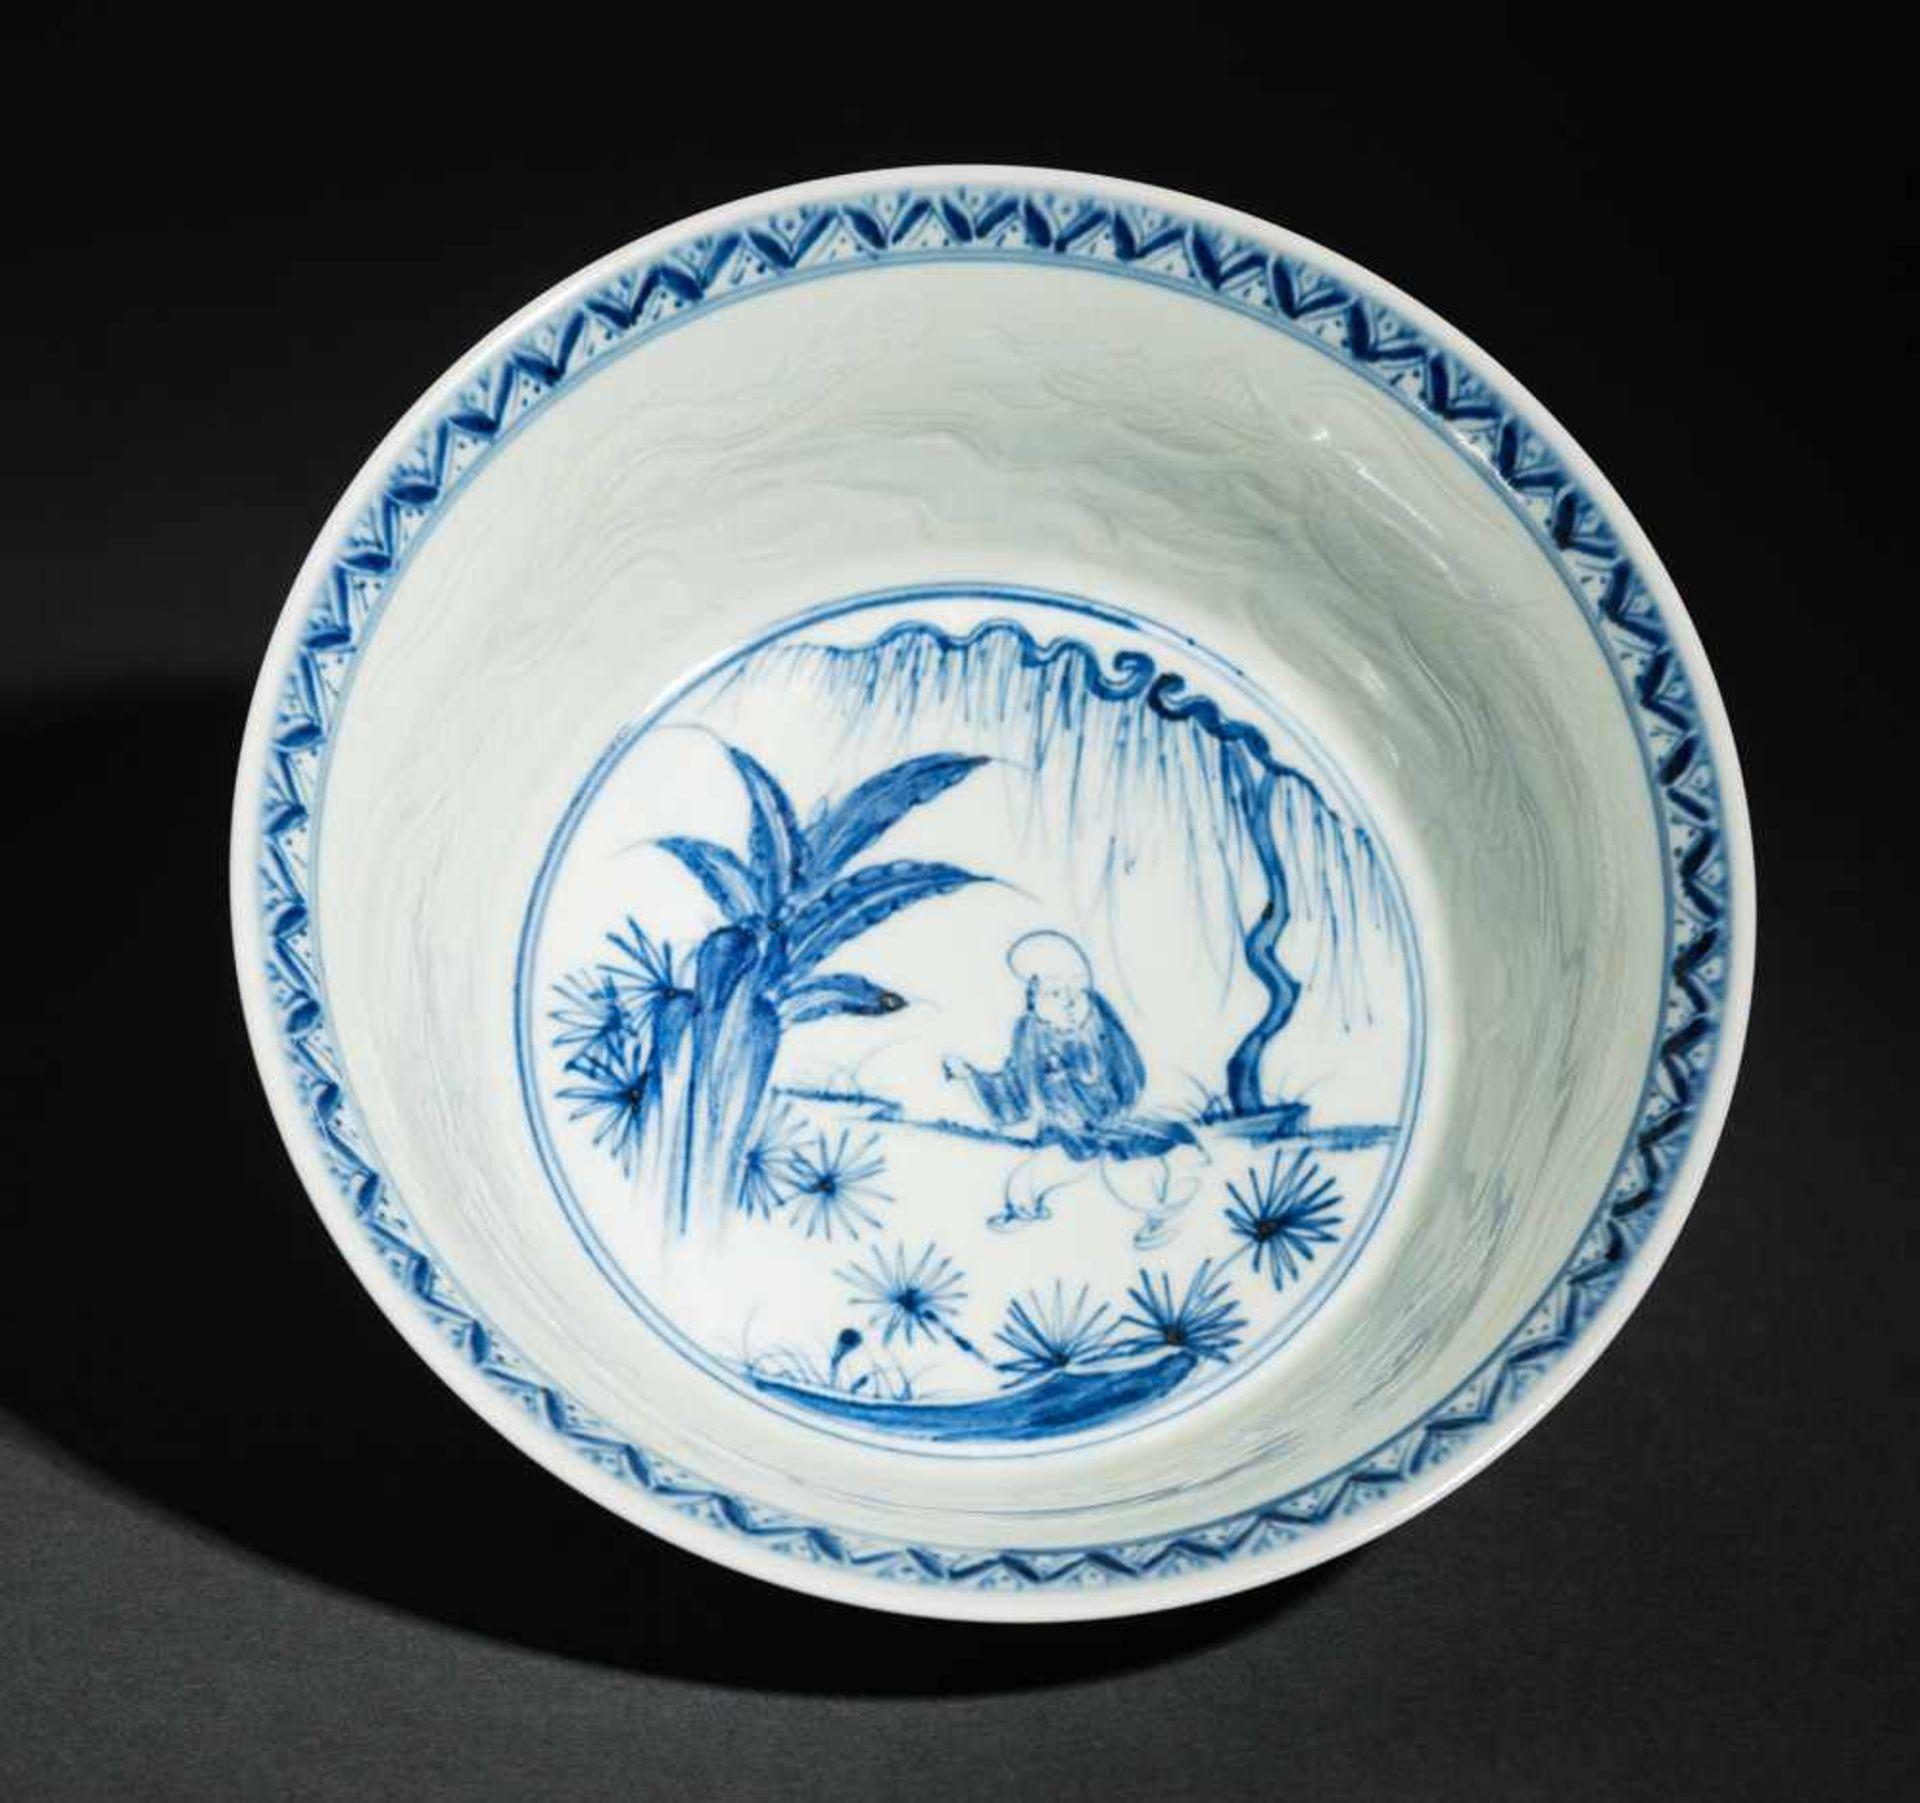 TIEFE SCHALE MIT SPIELENDEN KNABEN Blauweißes Porzellan. China, Auf der nach außen geschwungenen